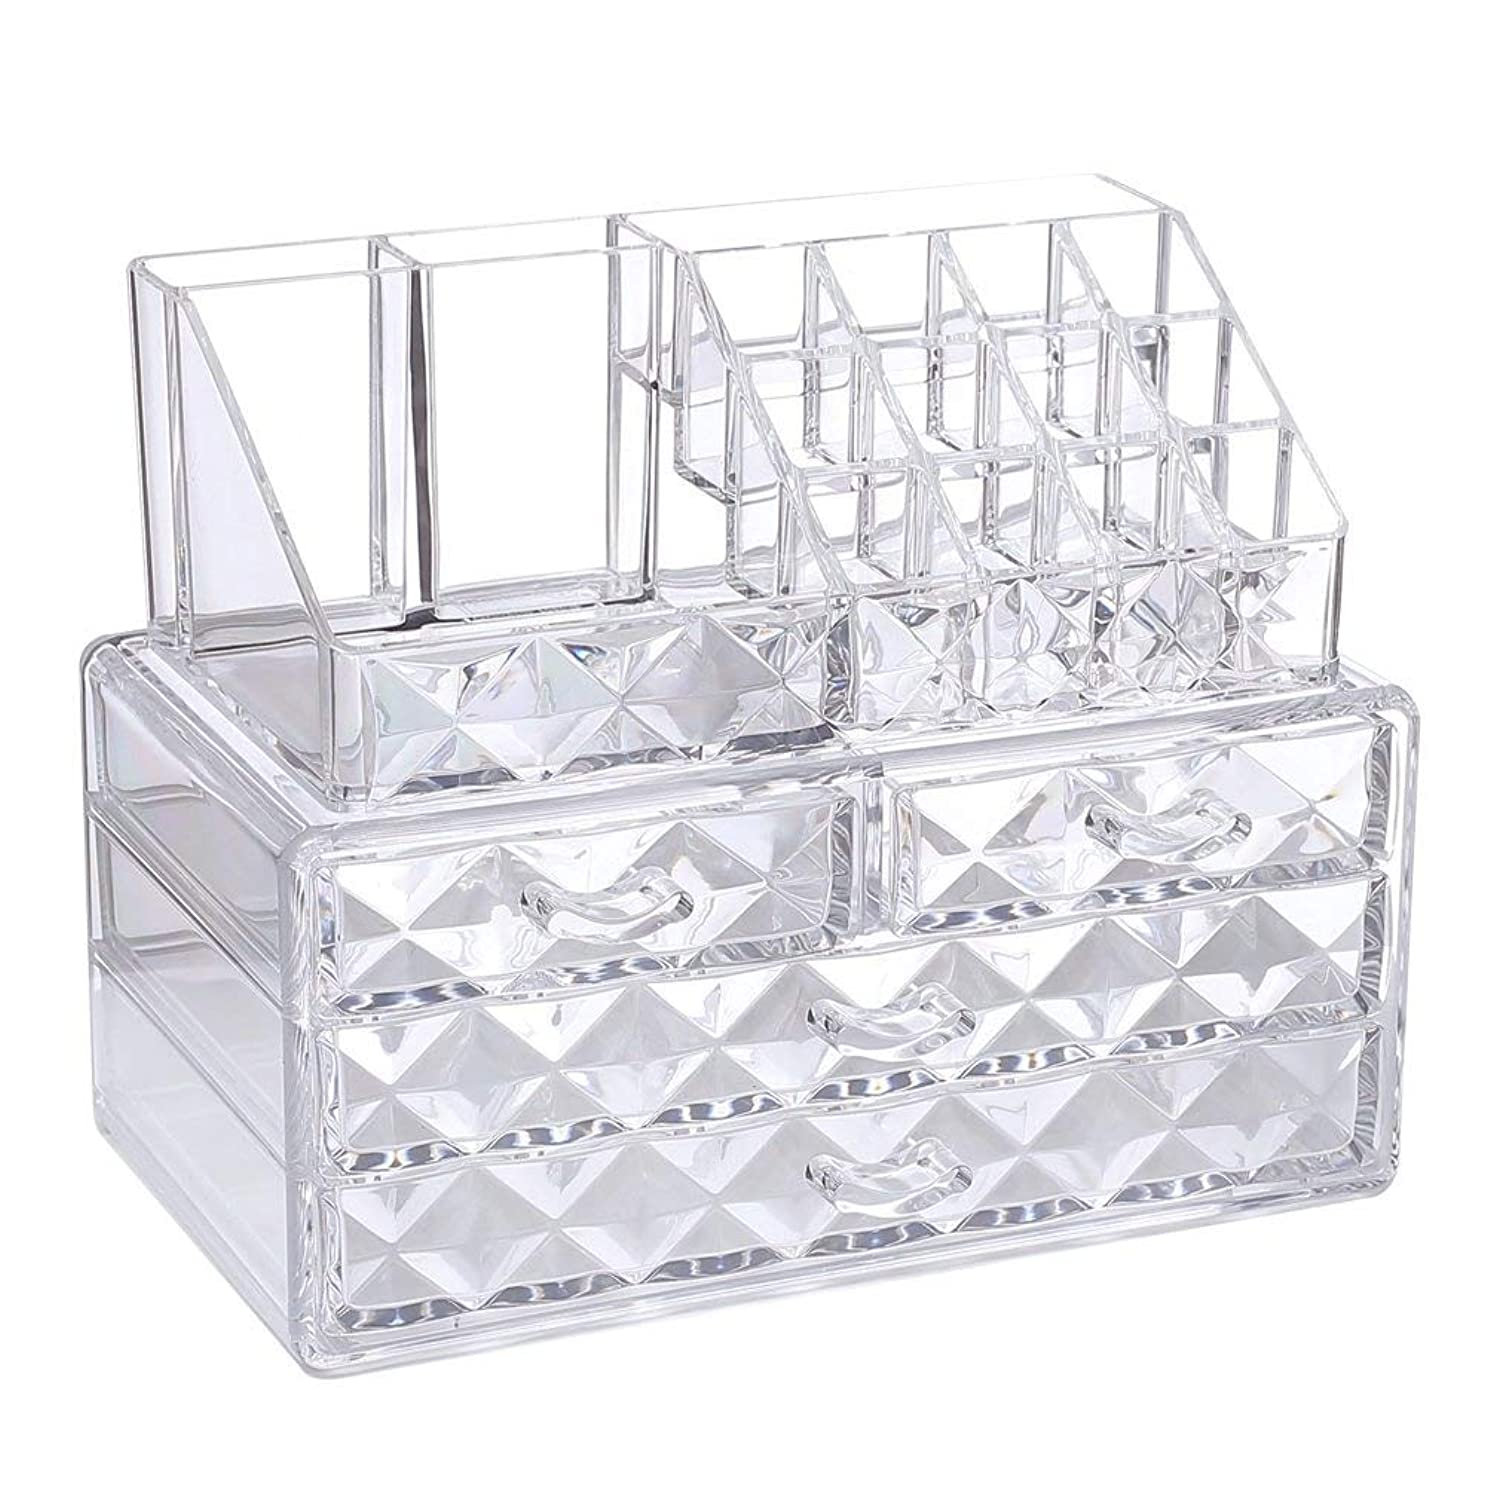 急速な起業家宿泊ジュエリーや化粧品収納ディスプレイボックス4つのボックスの口紅分類小格子は、使用する方が便利です